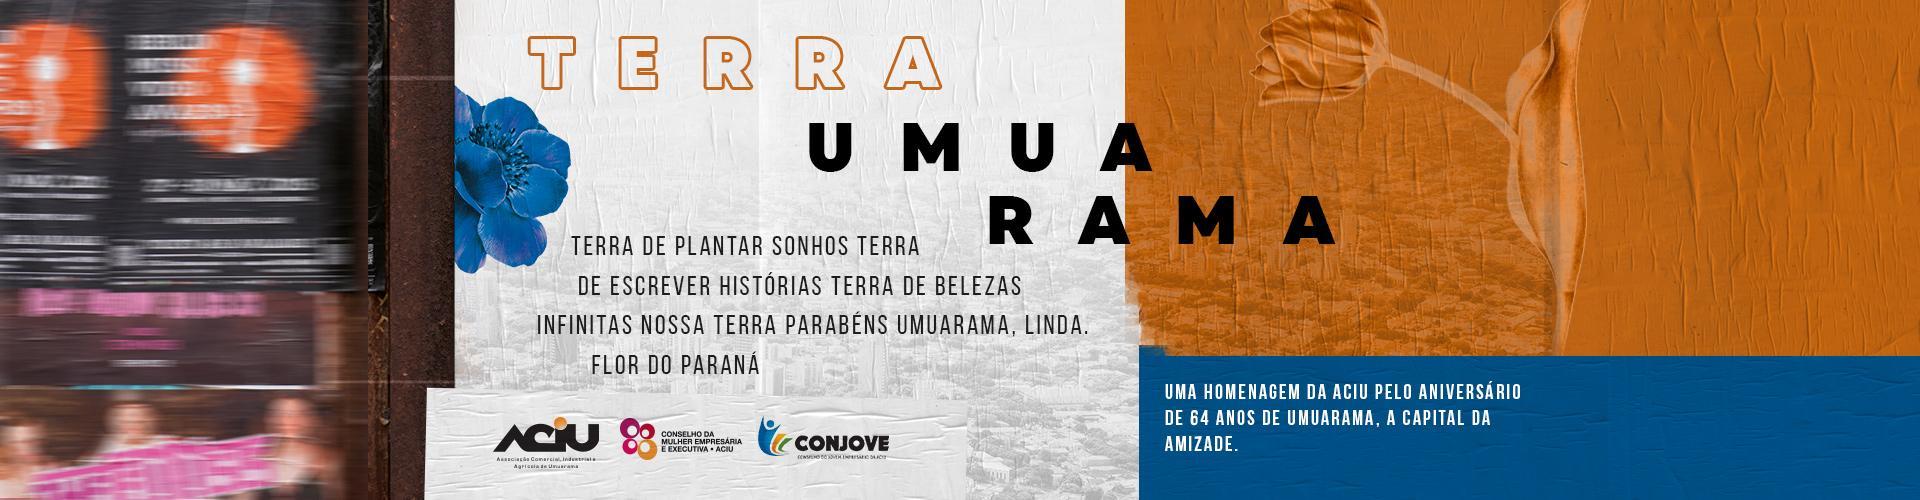 Aniversário de 64 anos de Umuarama